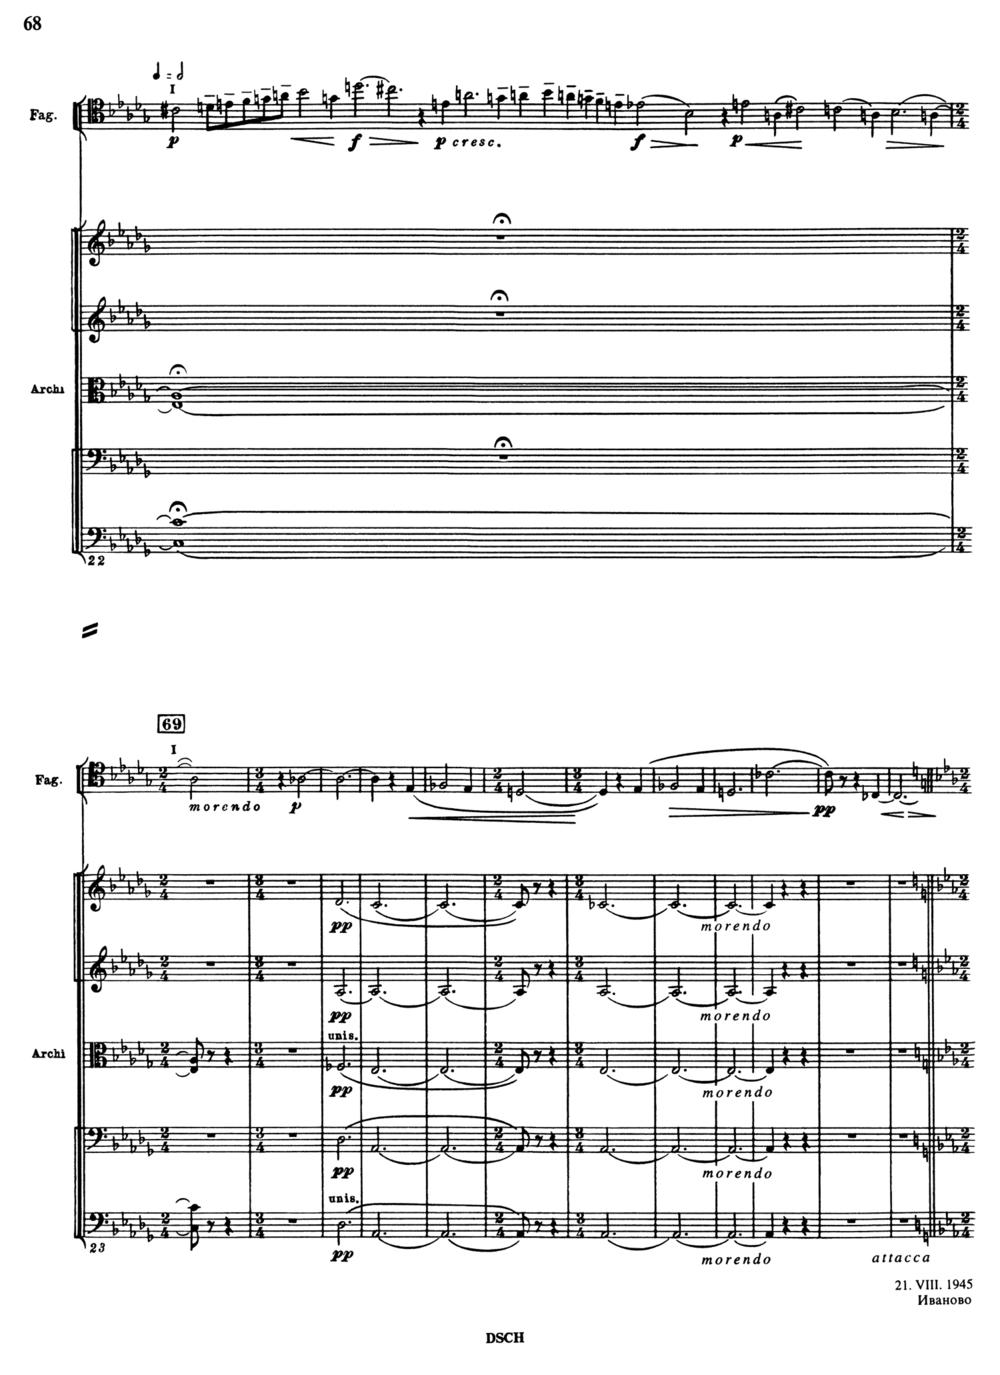 Shostakovich 9 Score 2.jpg